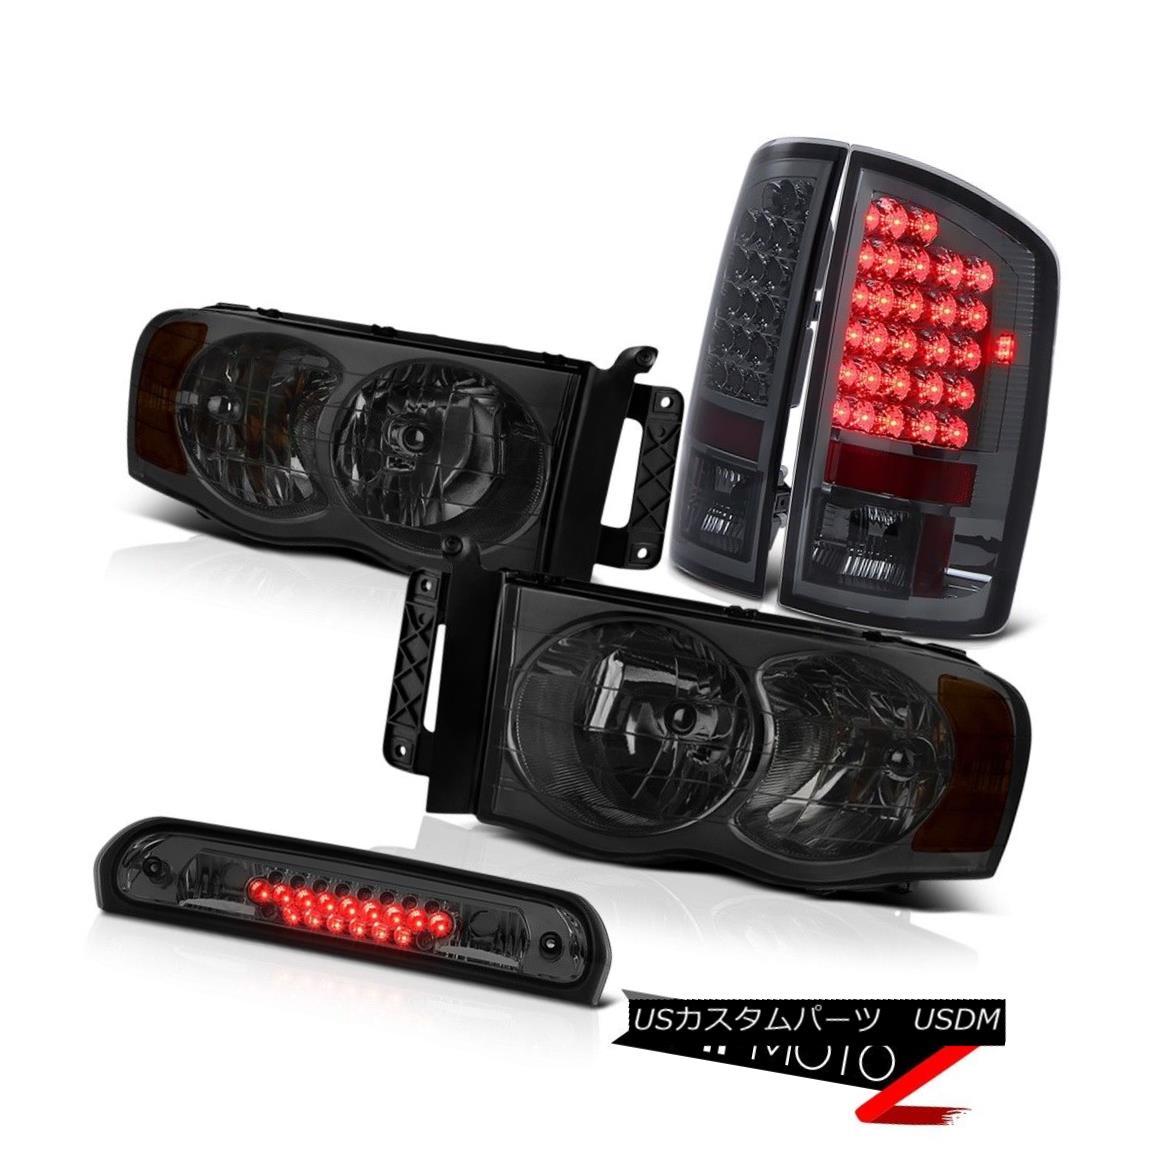 テールライト Dark Smoke Headlamps Tail Lights LED Tinted Third Brake Cargo 2002-2005 Ram WS ダークスモークヘッドランプテールライトLED Tinted Third Brake Cargo 2002-2005 Ram WS